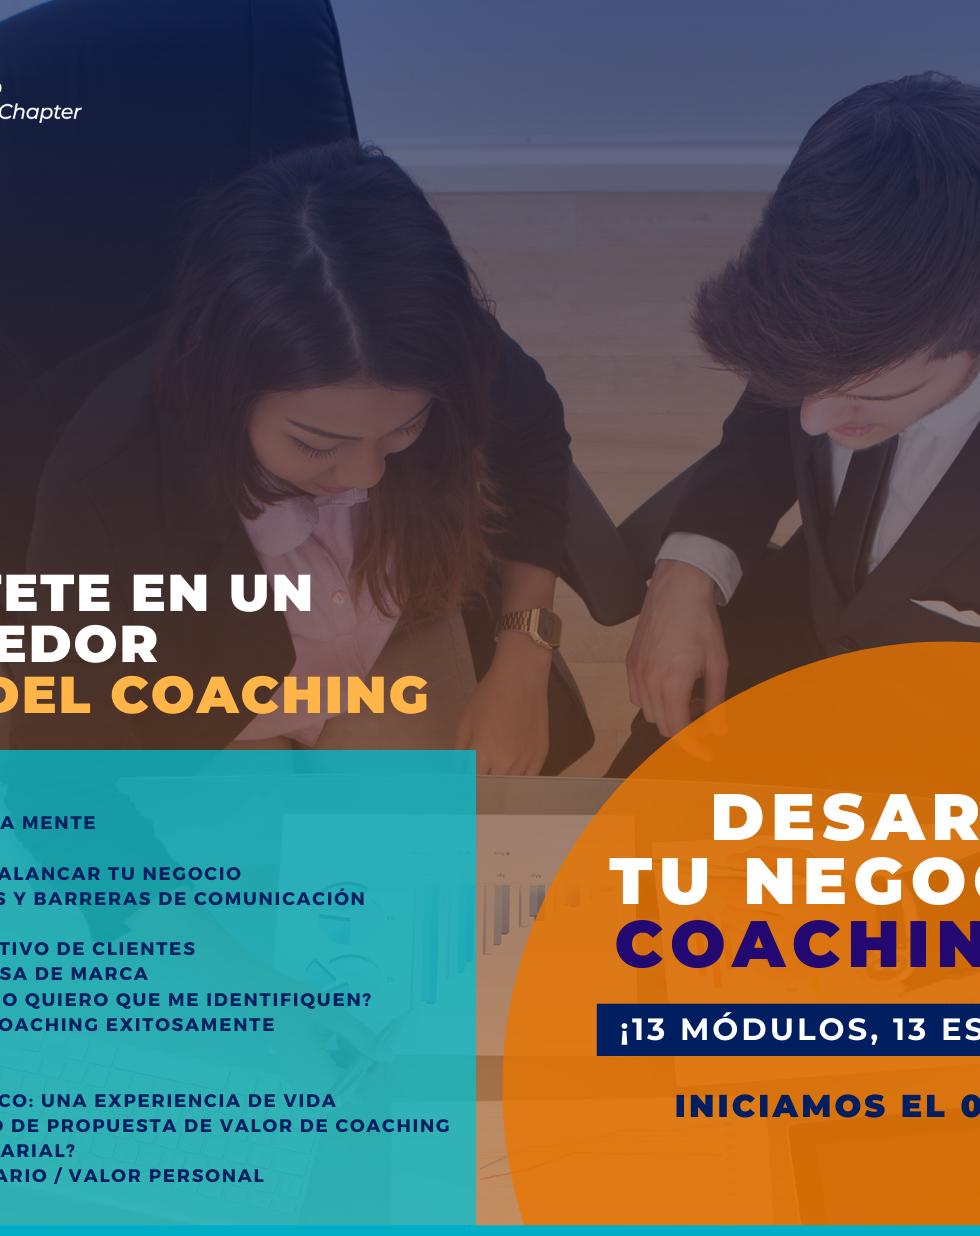 desarrolla _negocio_2021pweb (1).png